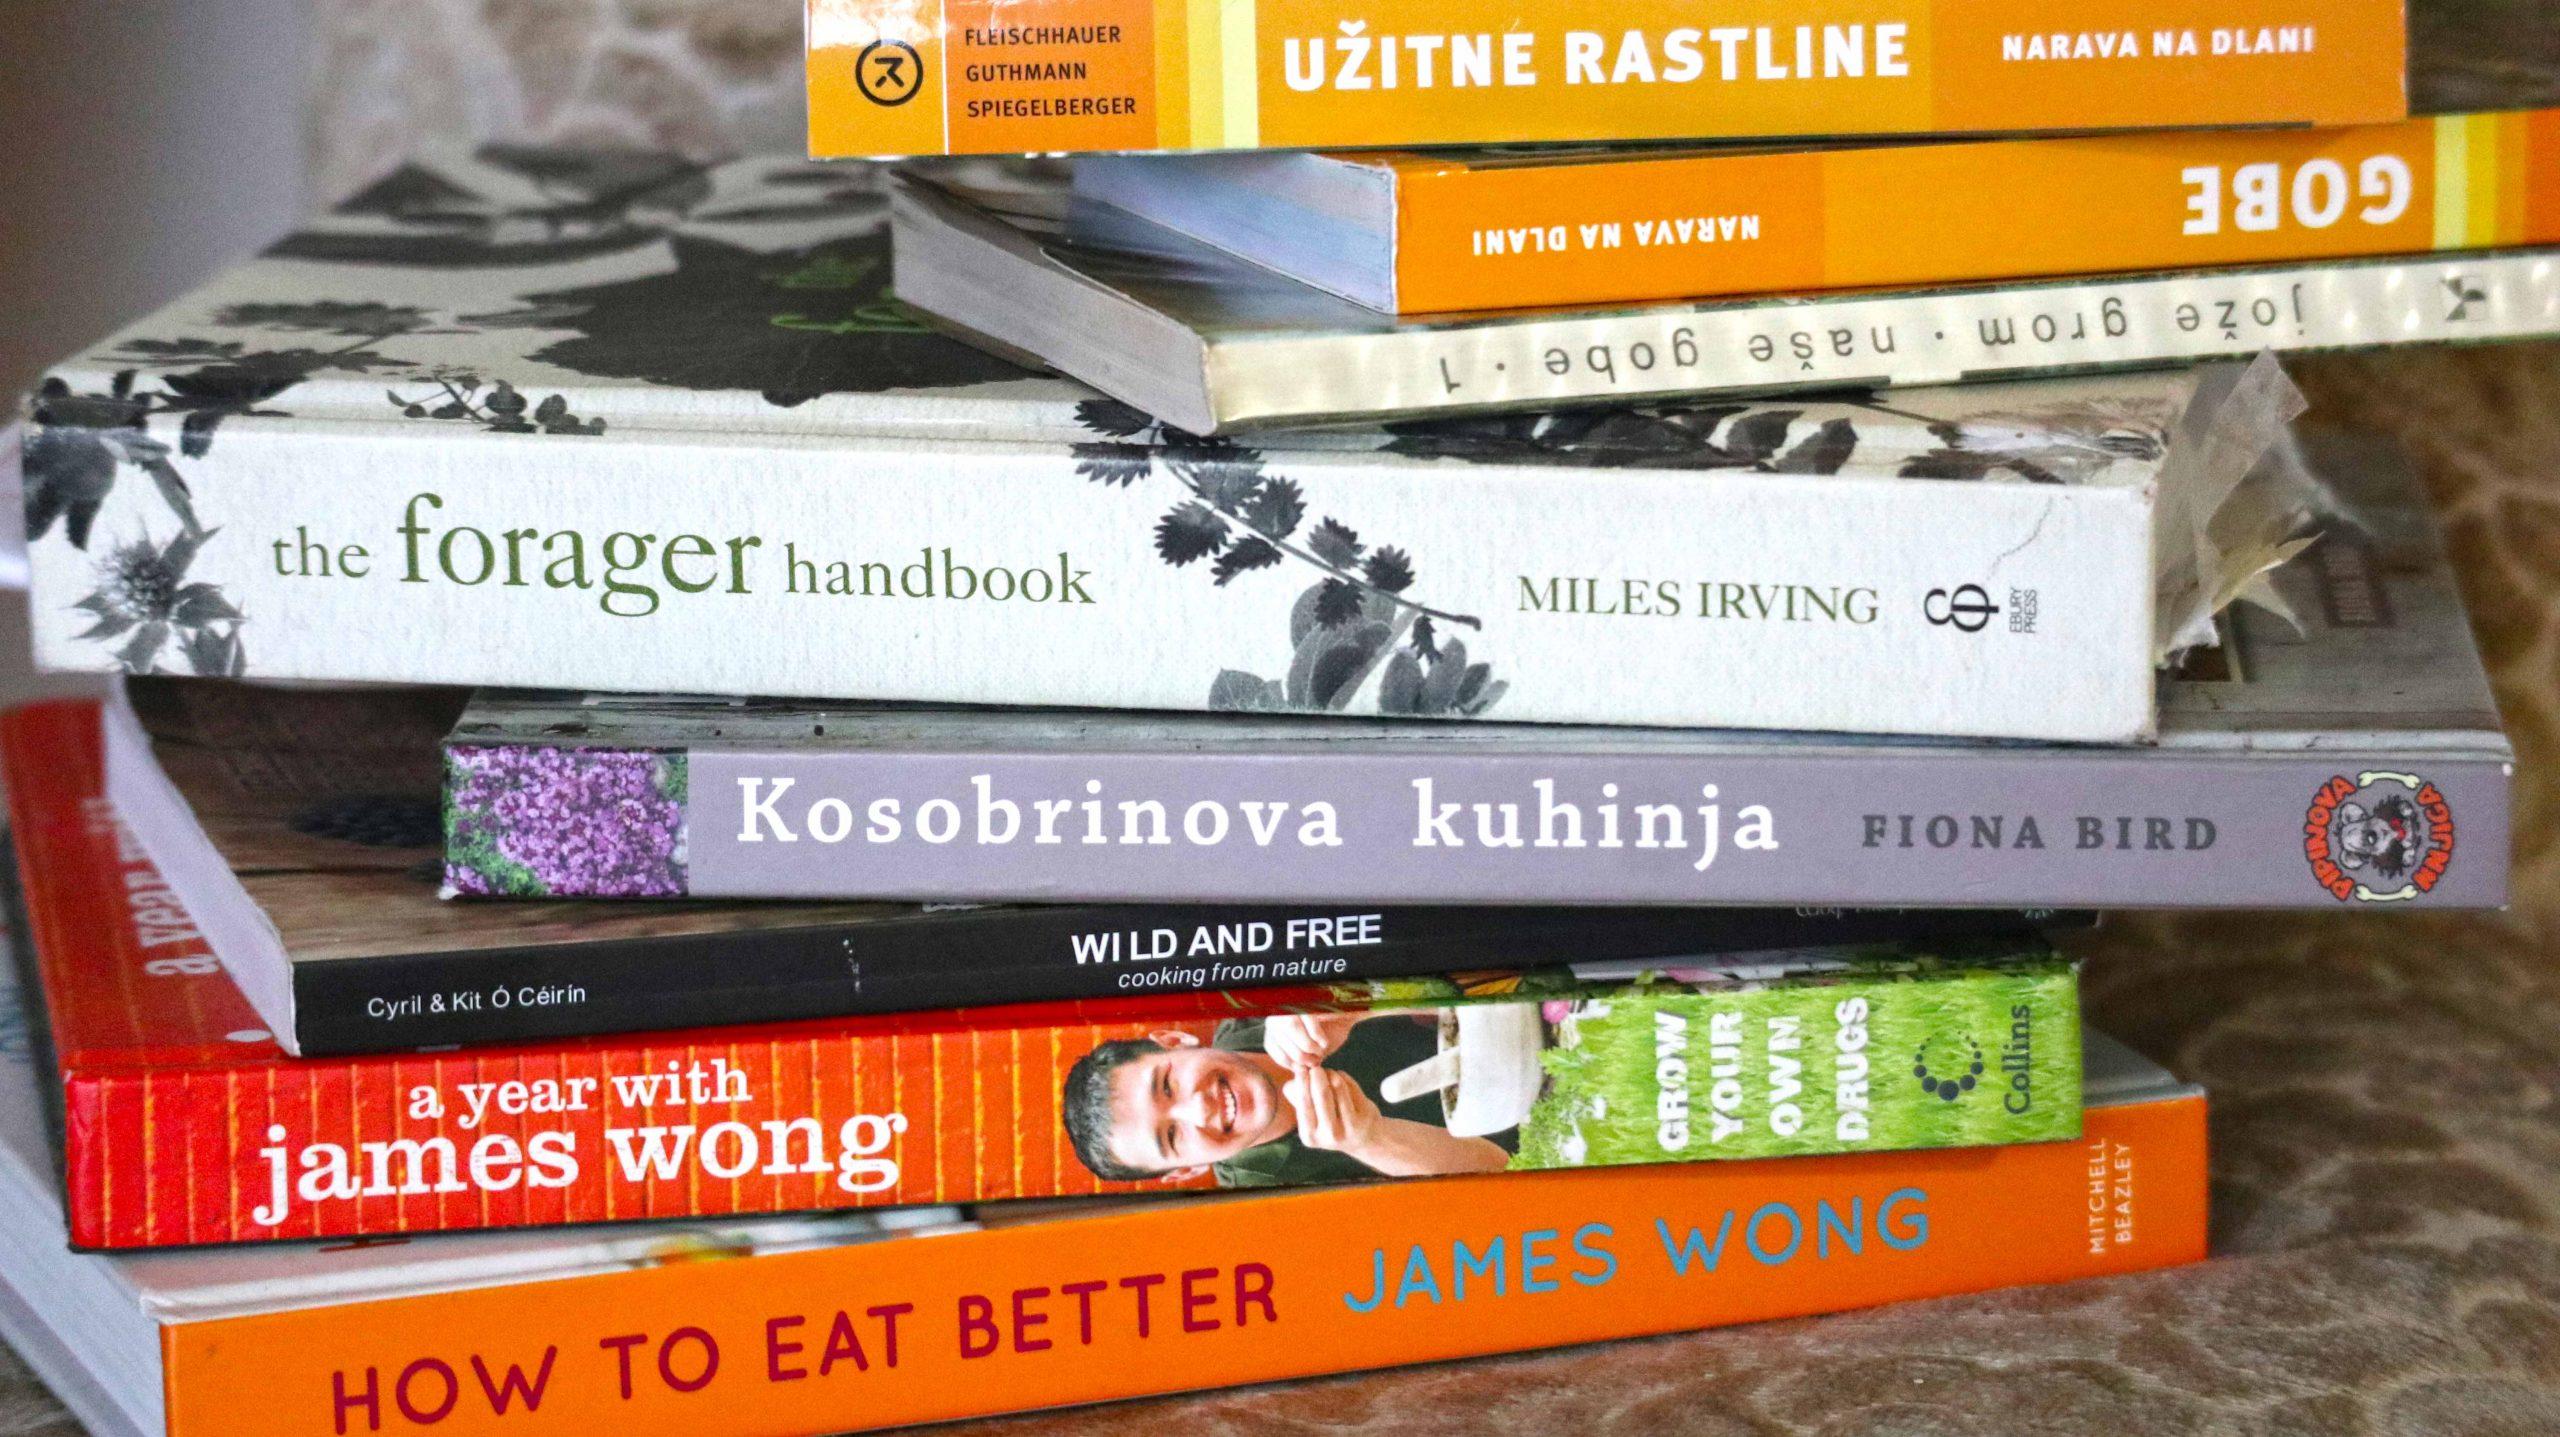 Knjige o rastlinah - divjih, zdravilnih, jedilnih in okrasnih